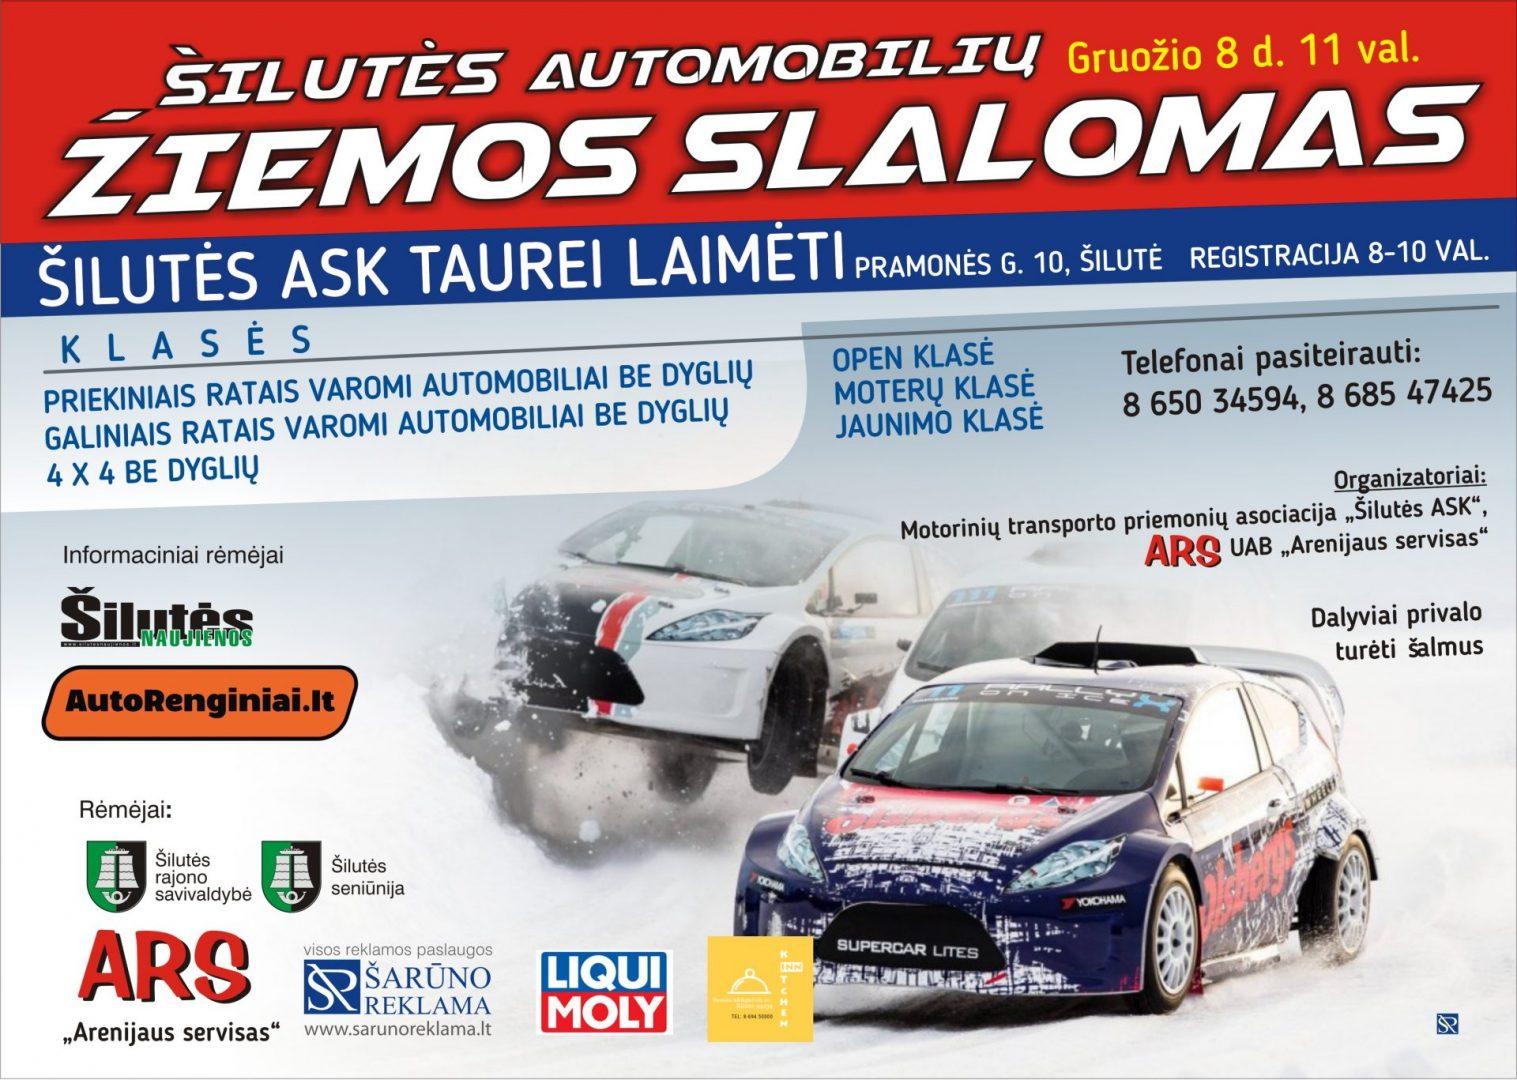 Šilutės automobilių žiemos slalomas Šilutės ASK taurei laimėti